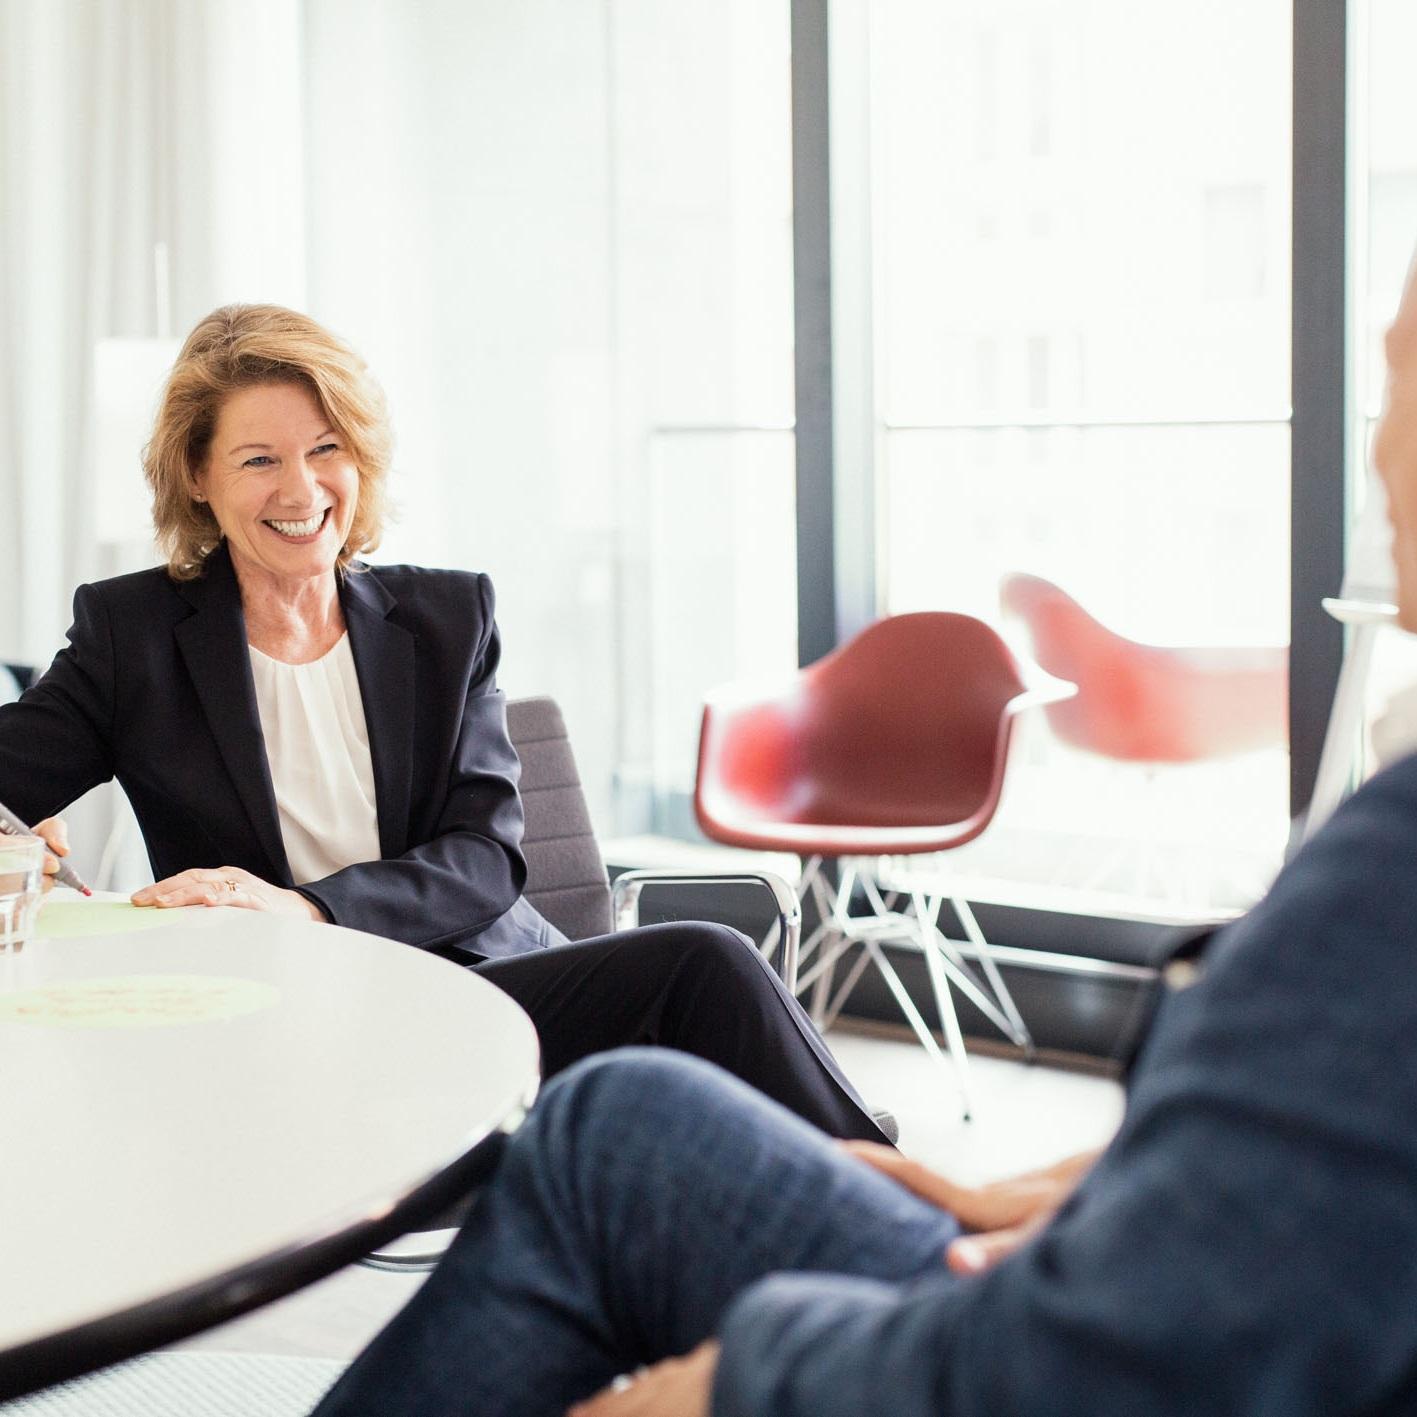 Britta-Balogh_-_Coaching-fuer-Unternehmen_-_Personalintegration-und-Personalentwicklung_-_Foto-DAVID-SONNTAG-2019.jpg